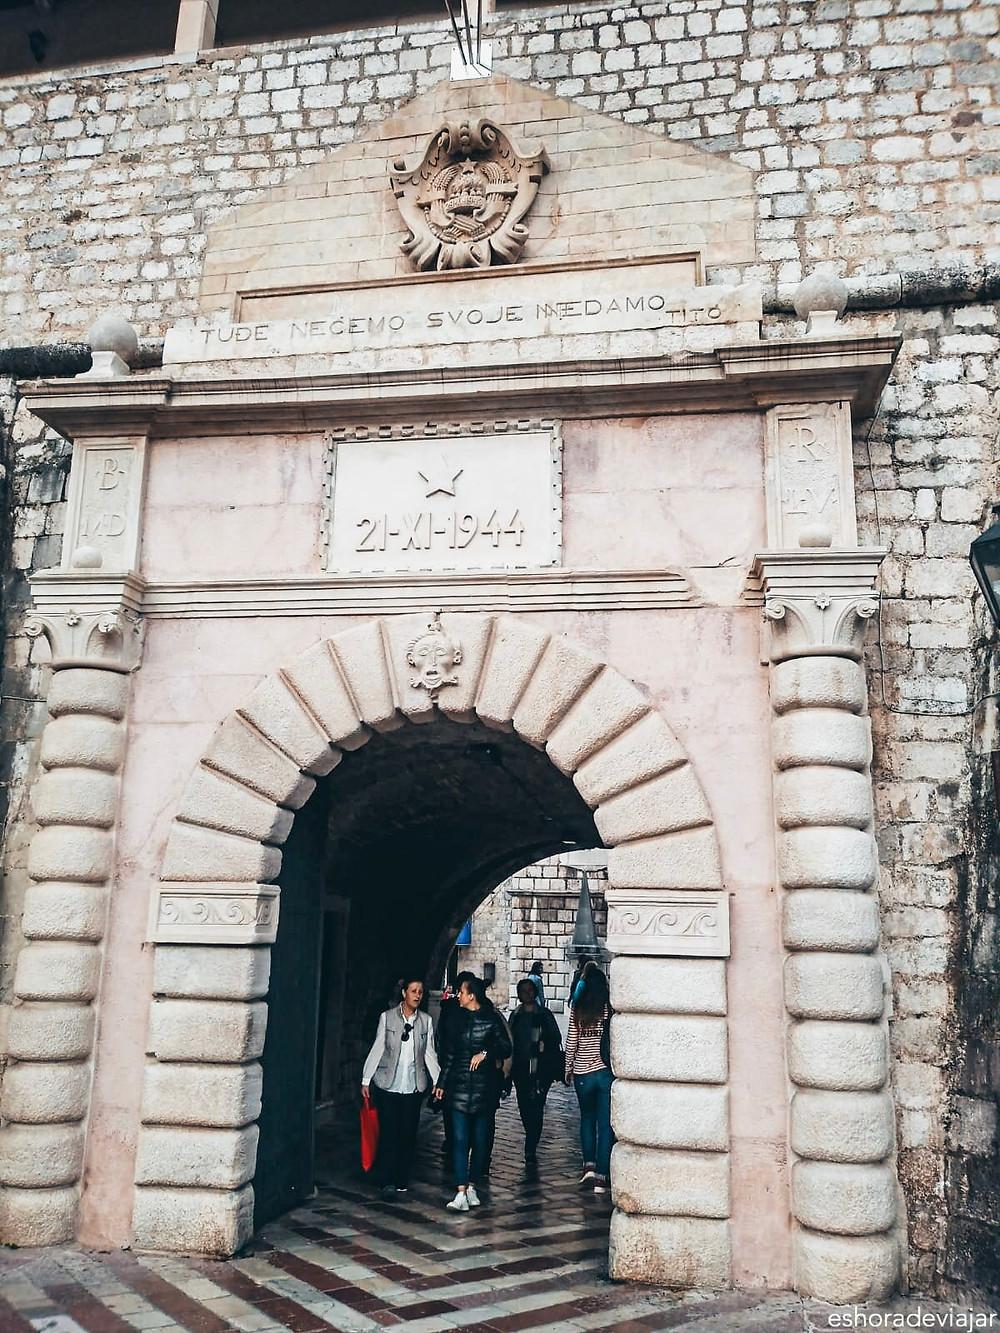 Puerta del Mar